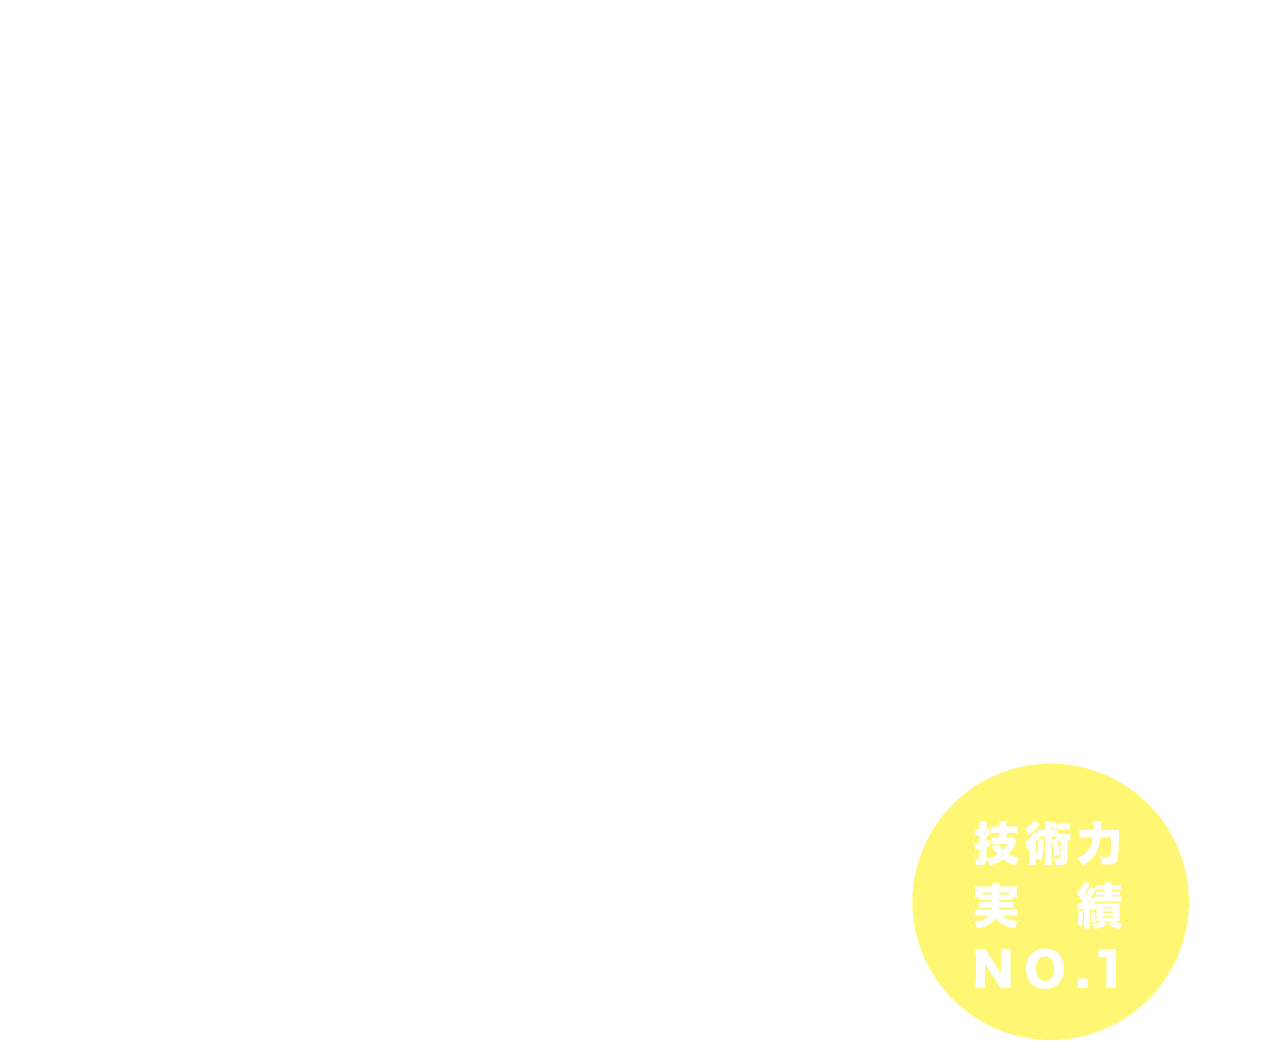 QUALITY & SAFETY FIRST。ありとあらゆる土間コンクリート補修のトップランナーです。技術力・実績 No.1